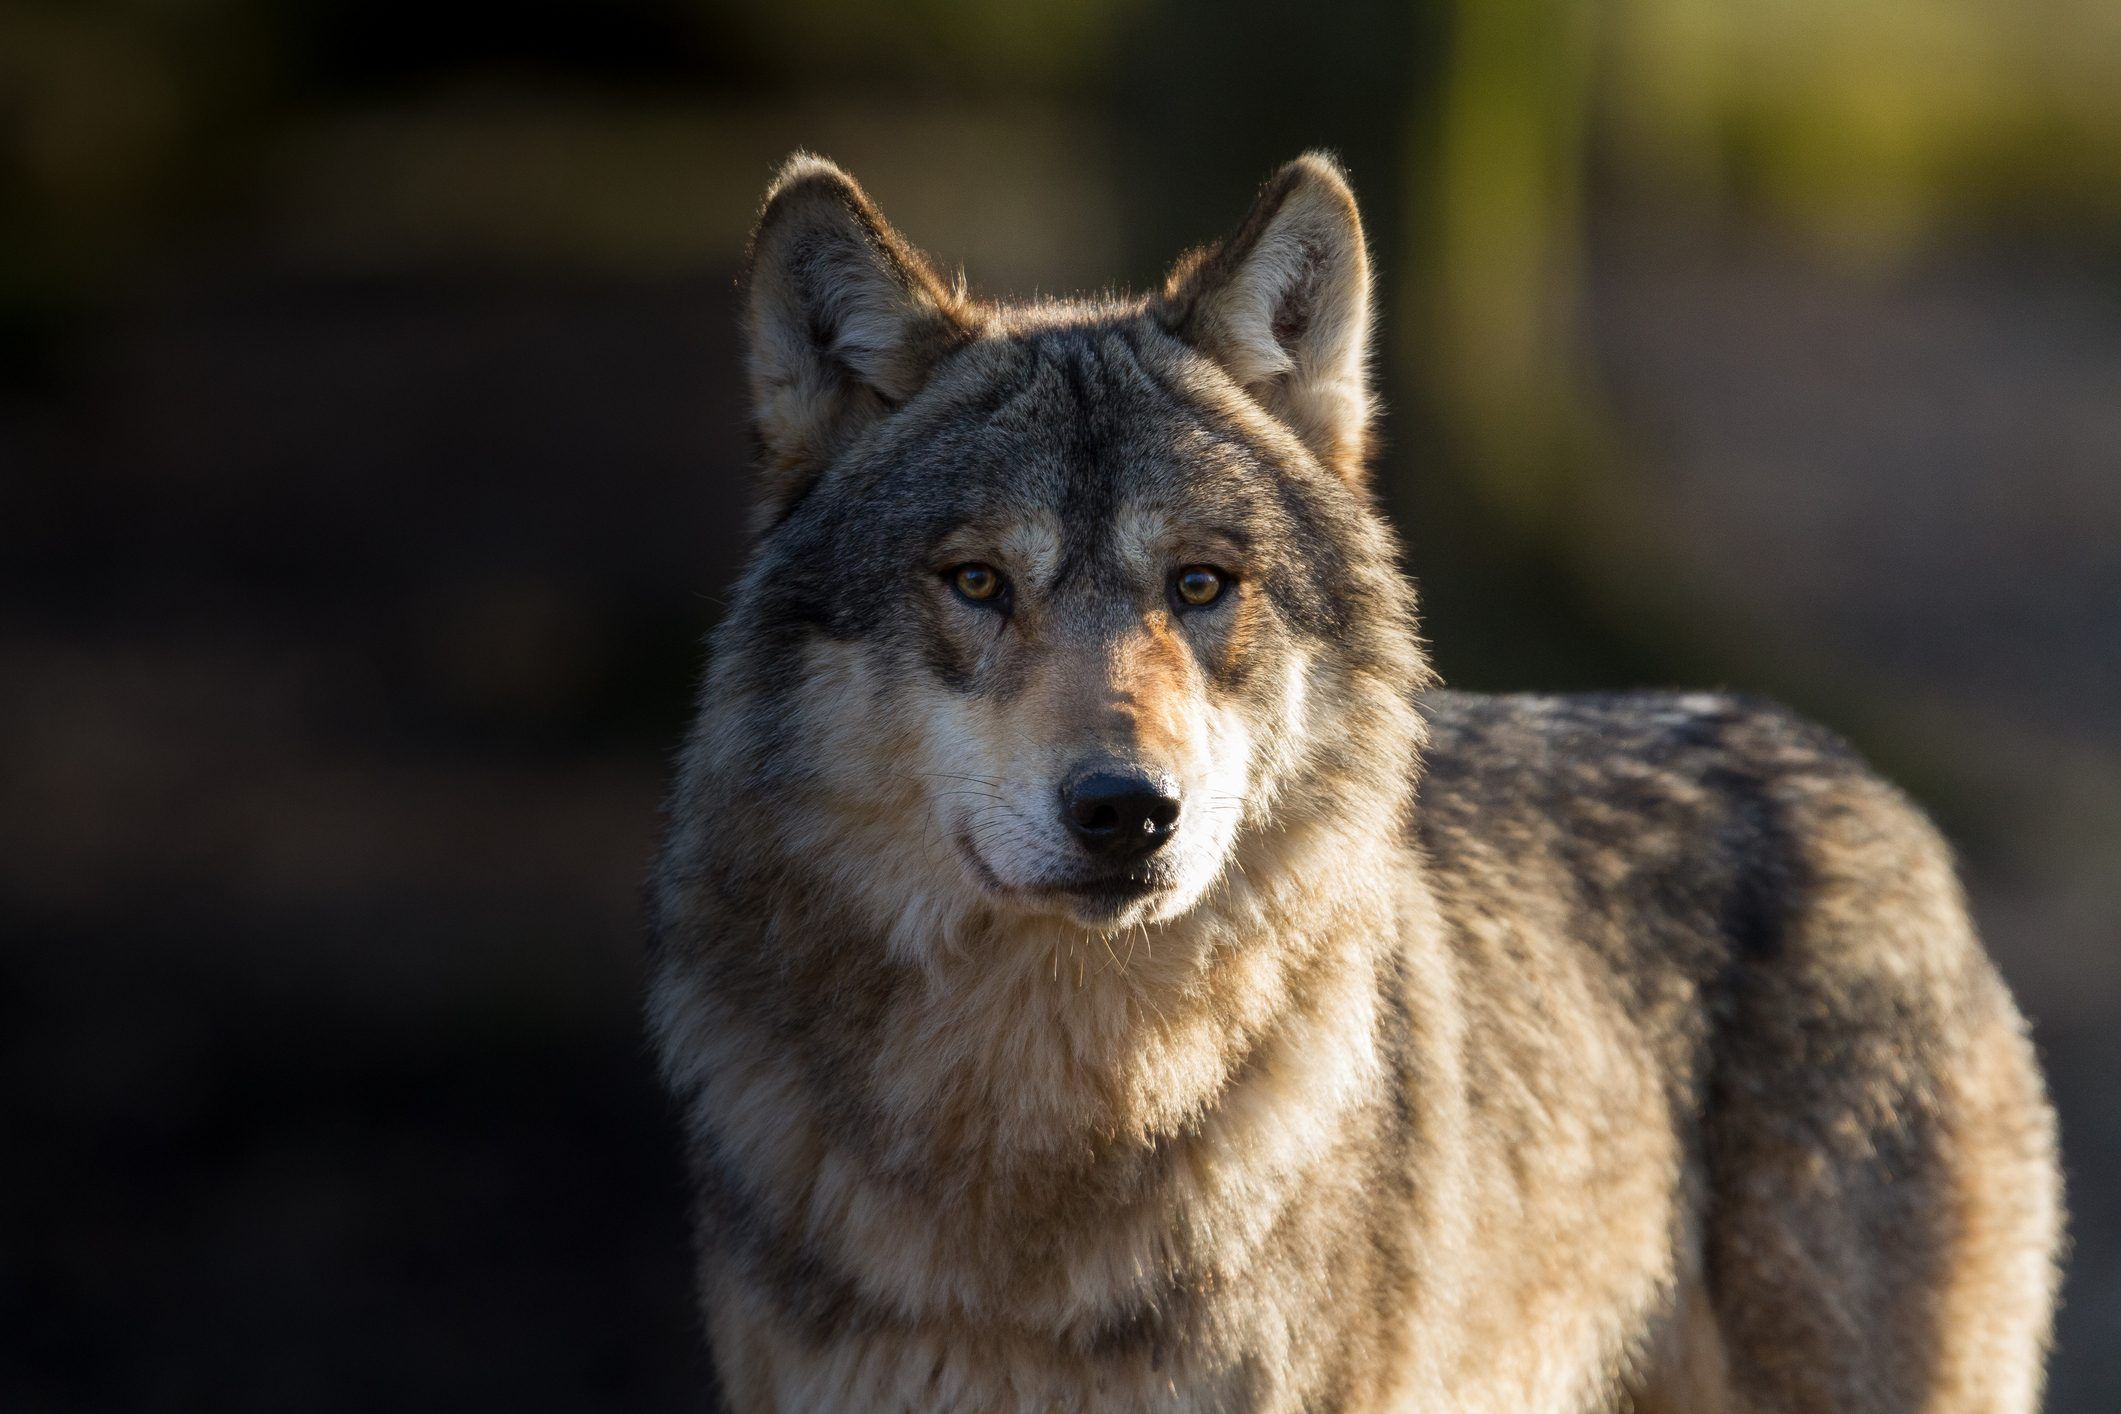 CANAVESE - Attacchi dei lupi: la Regione pensa ad un sistema di indennizzi più celere